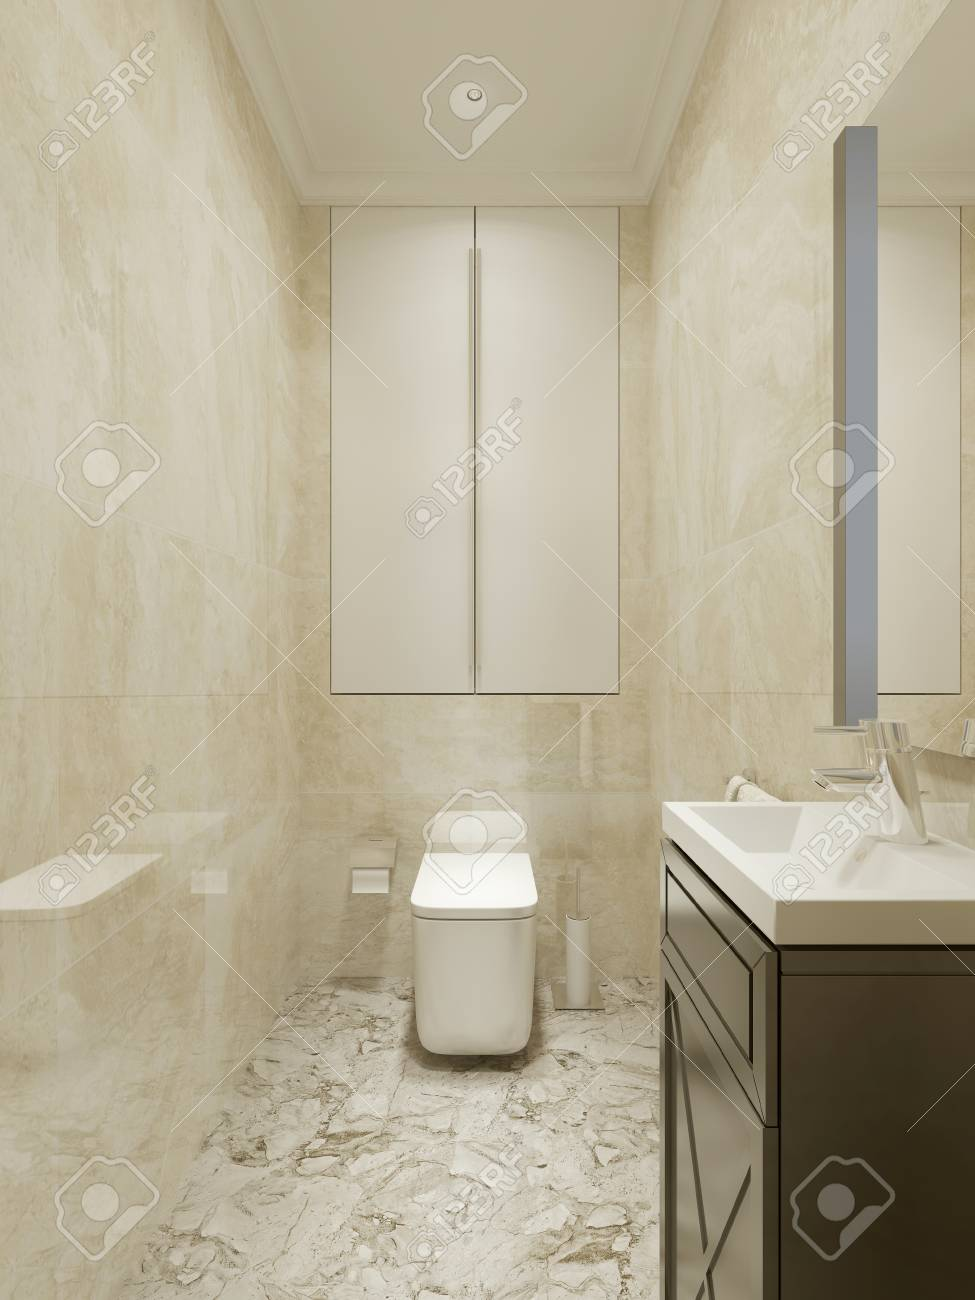 Cuarto De Baño De Diseño Clásico. 3d Fotos, Retratos, Imágenes Y ...